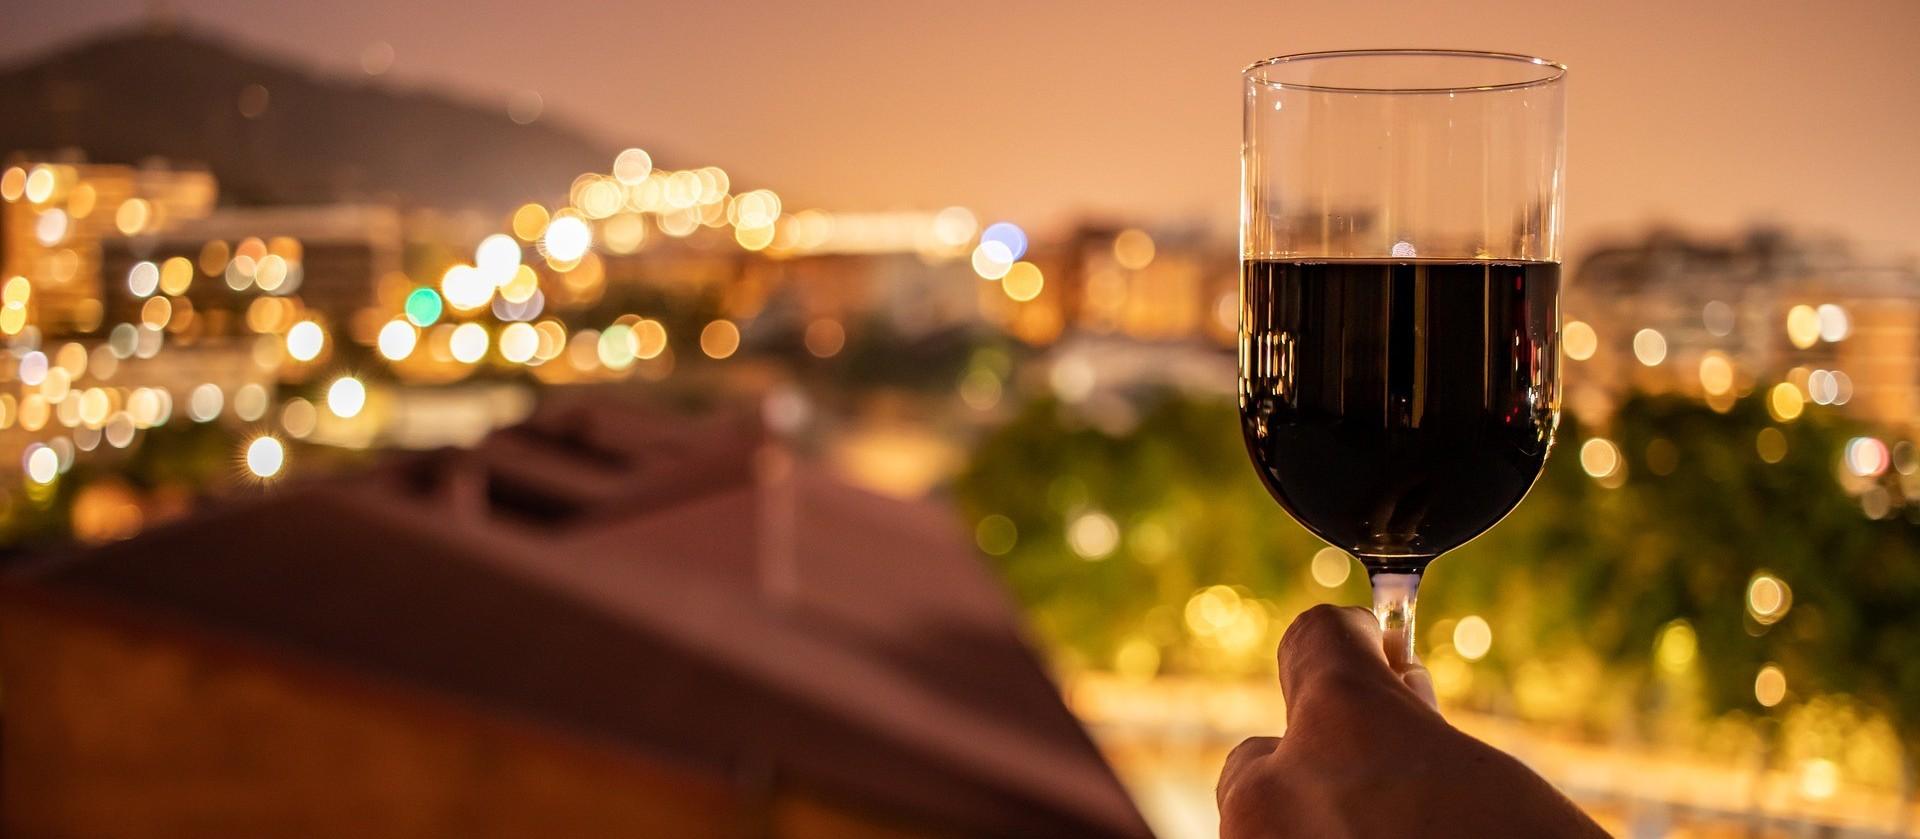 Filmes que retratam vinhos